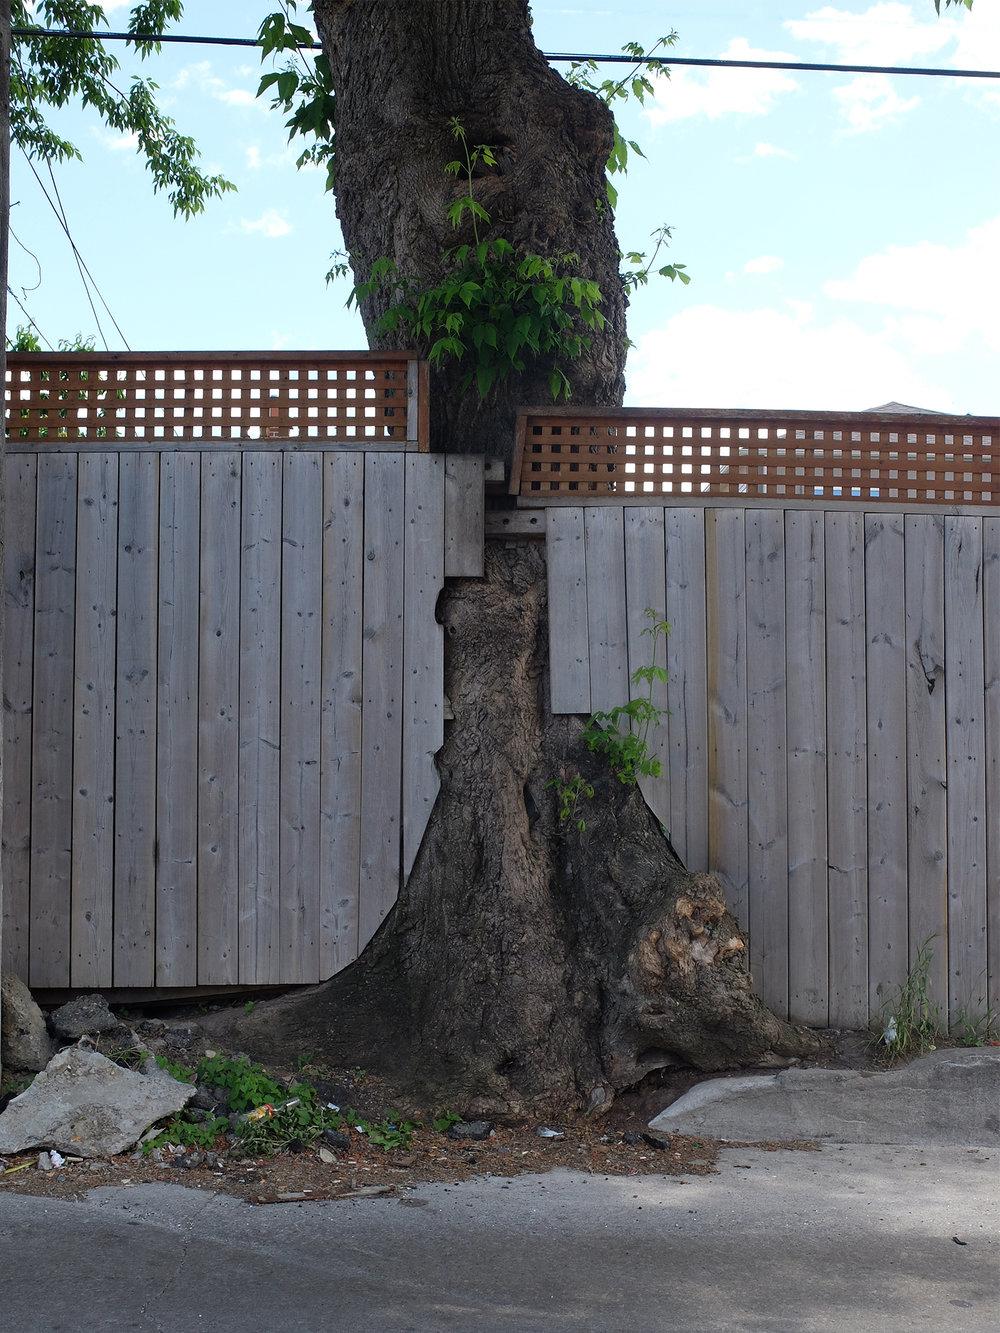 12 - eglinton tree.jpg